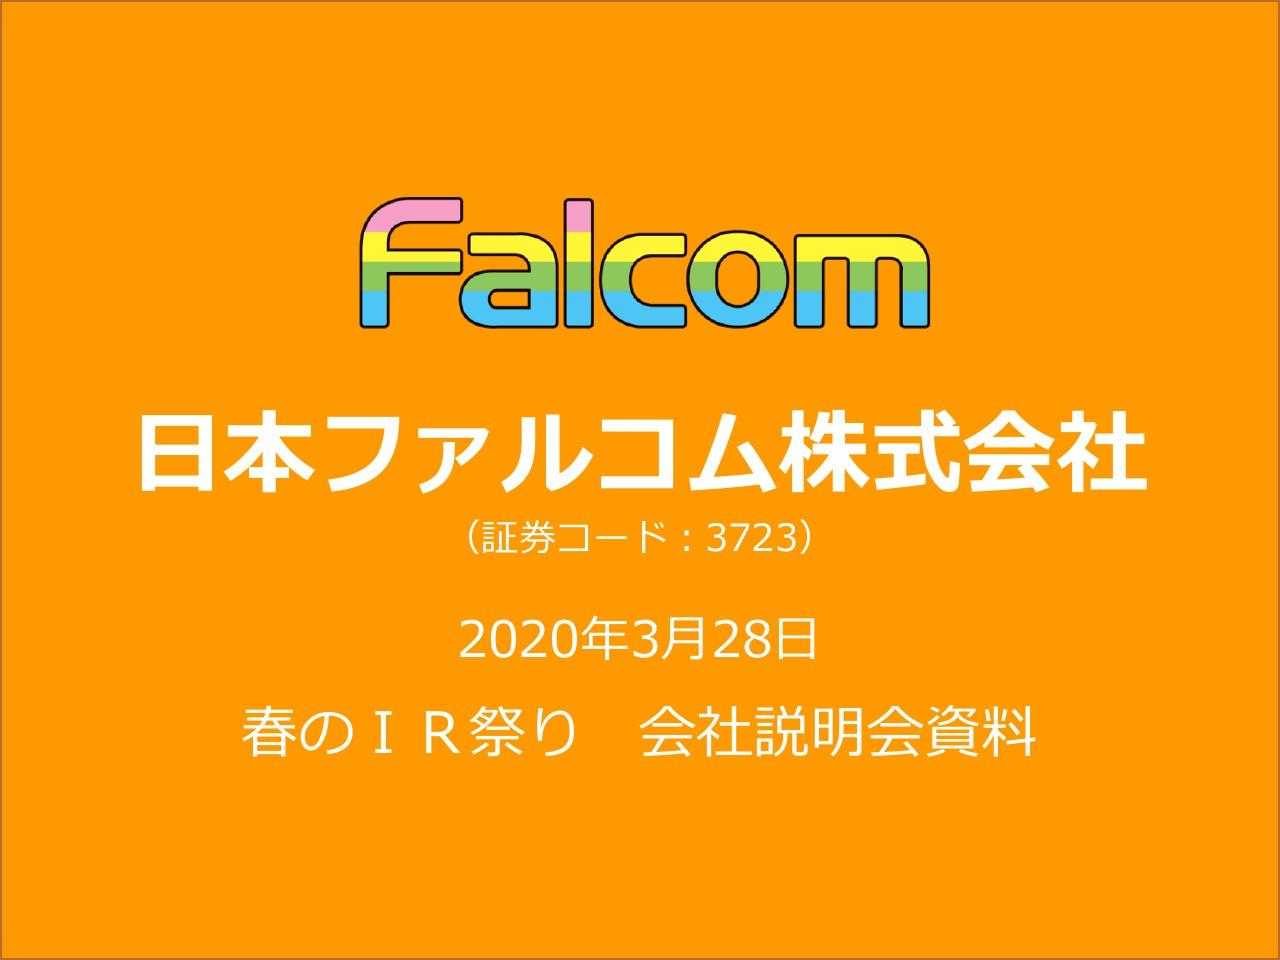 日本ファルコム、人気シリーズによる安定収益を基盤に、マルチ展開や新規IP創出にも注力